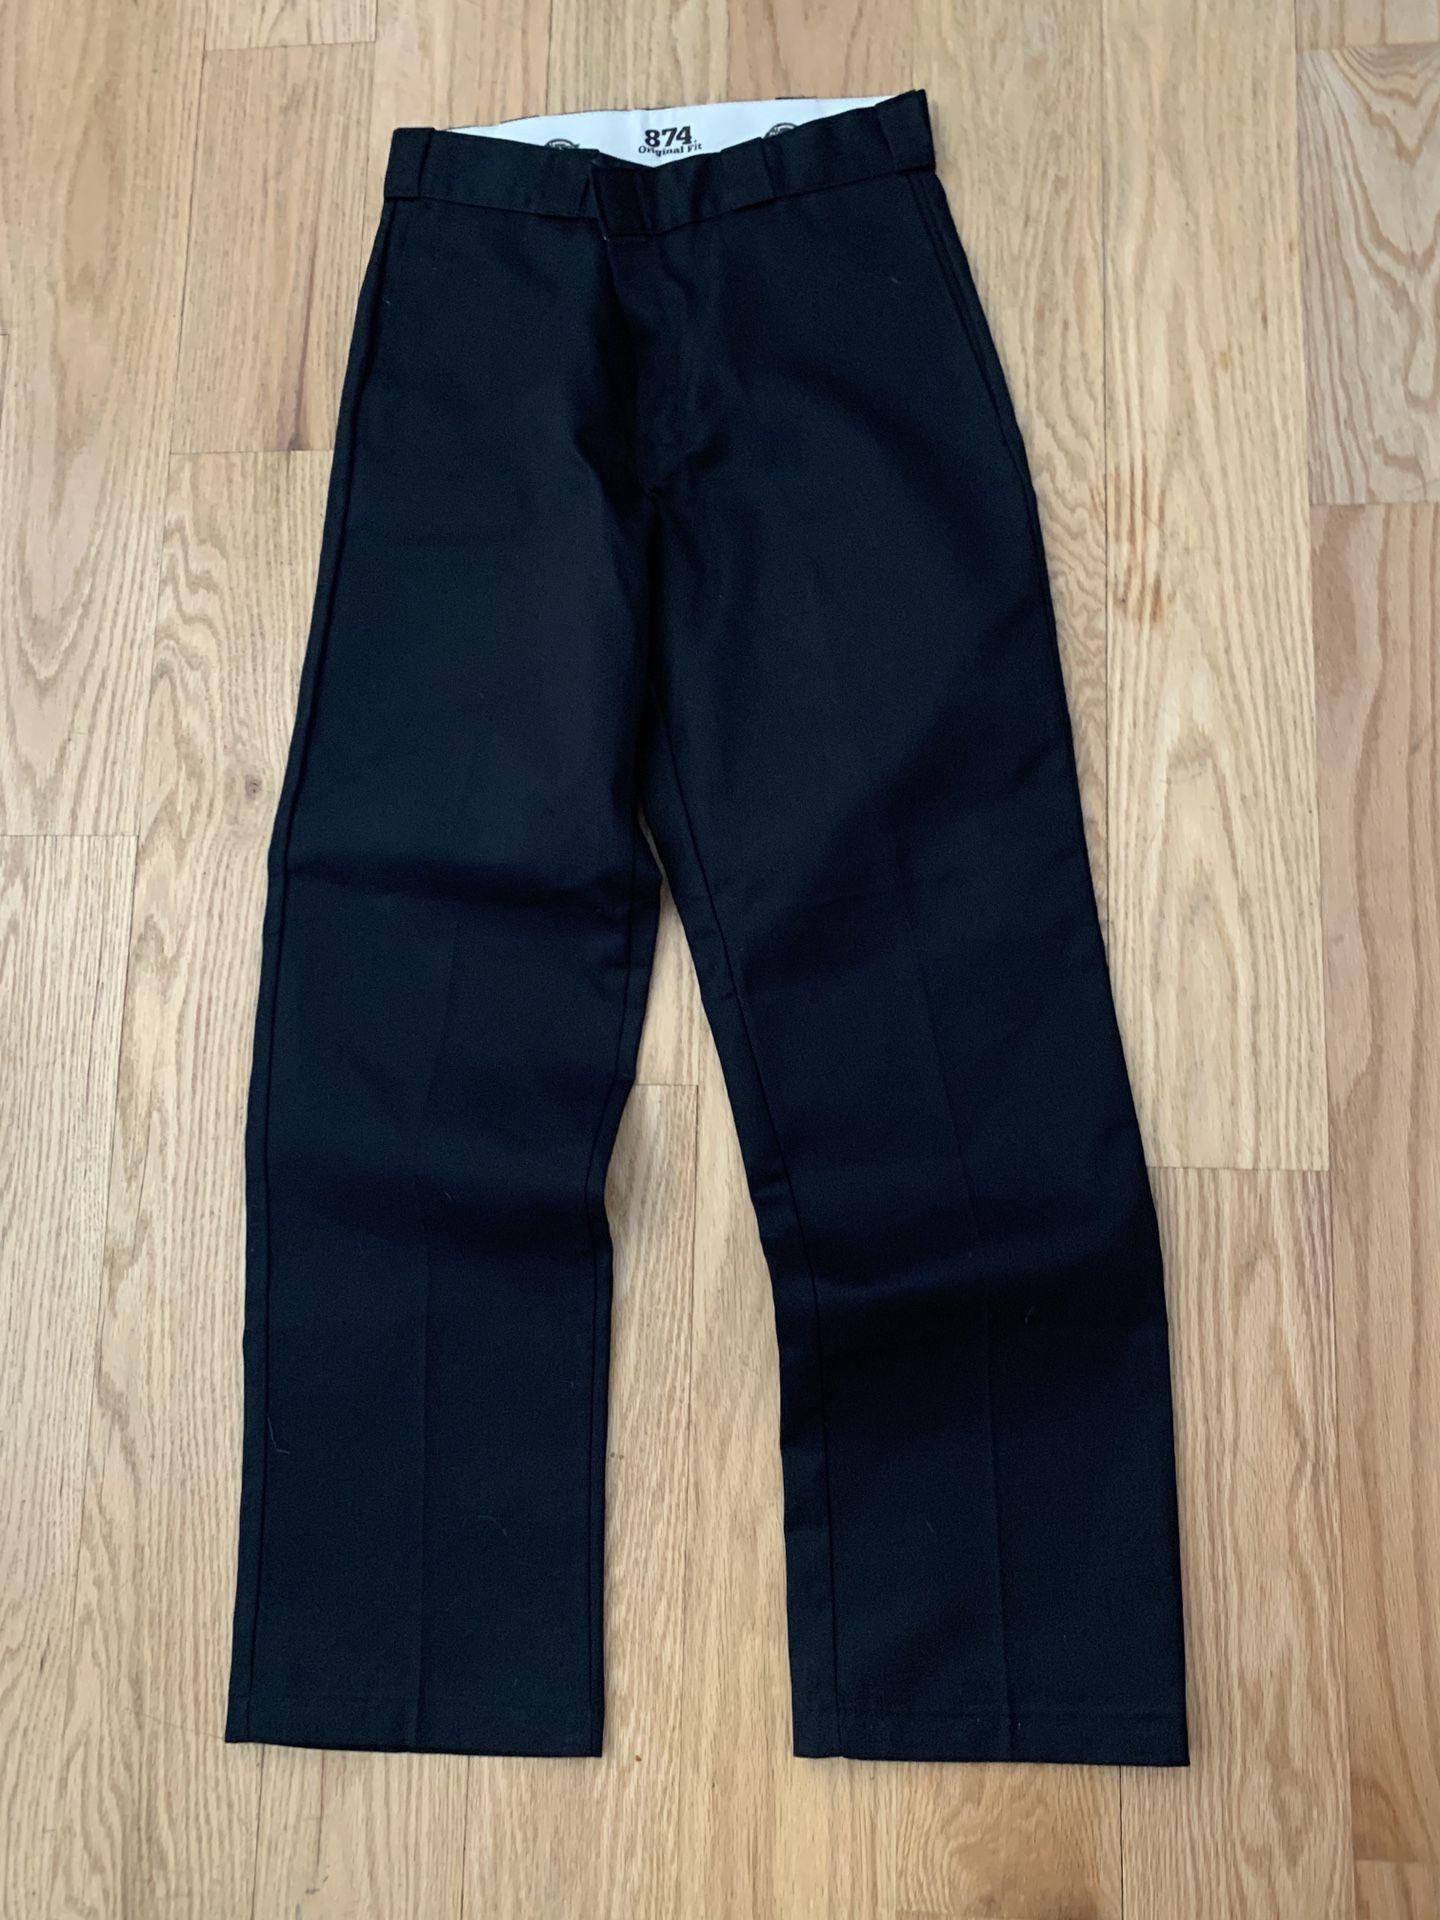 Dickies Pants 32 X 32 Men's